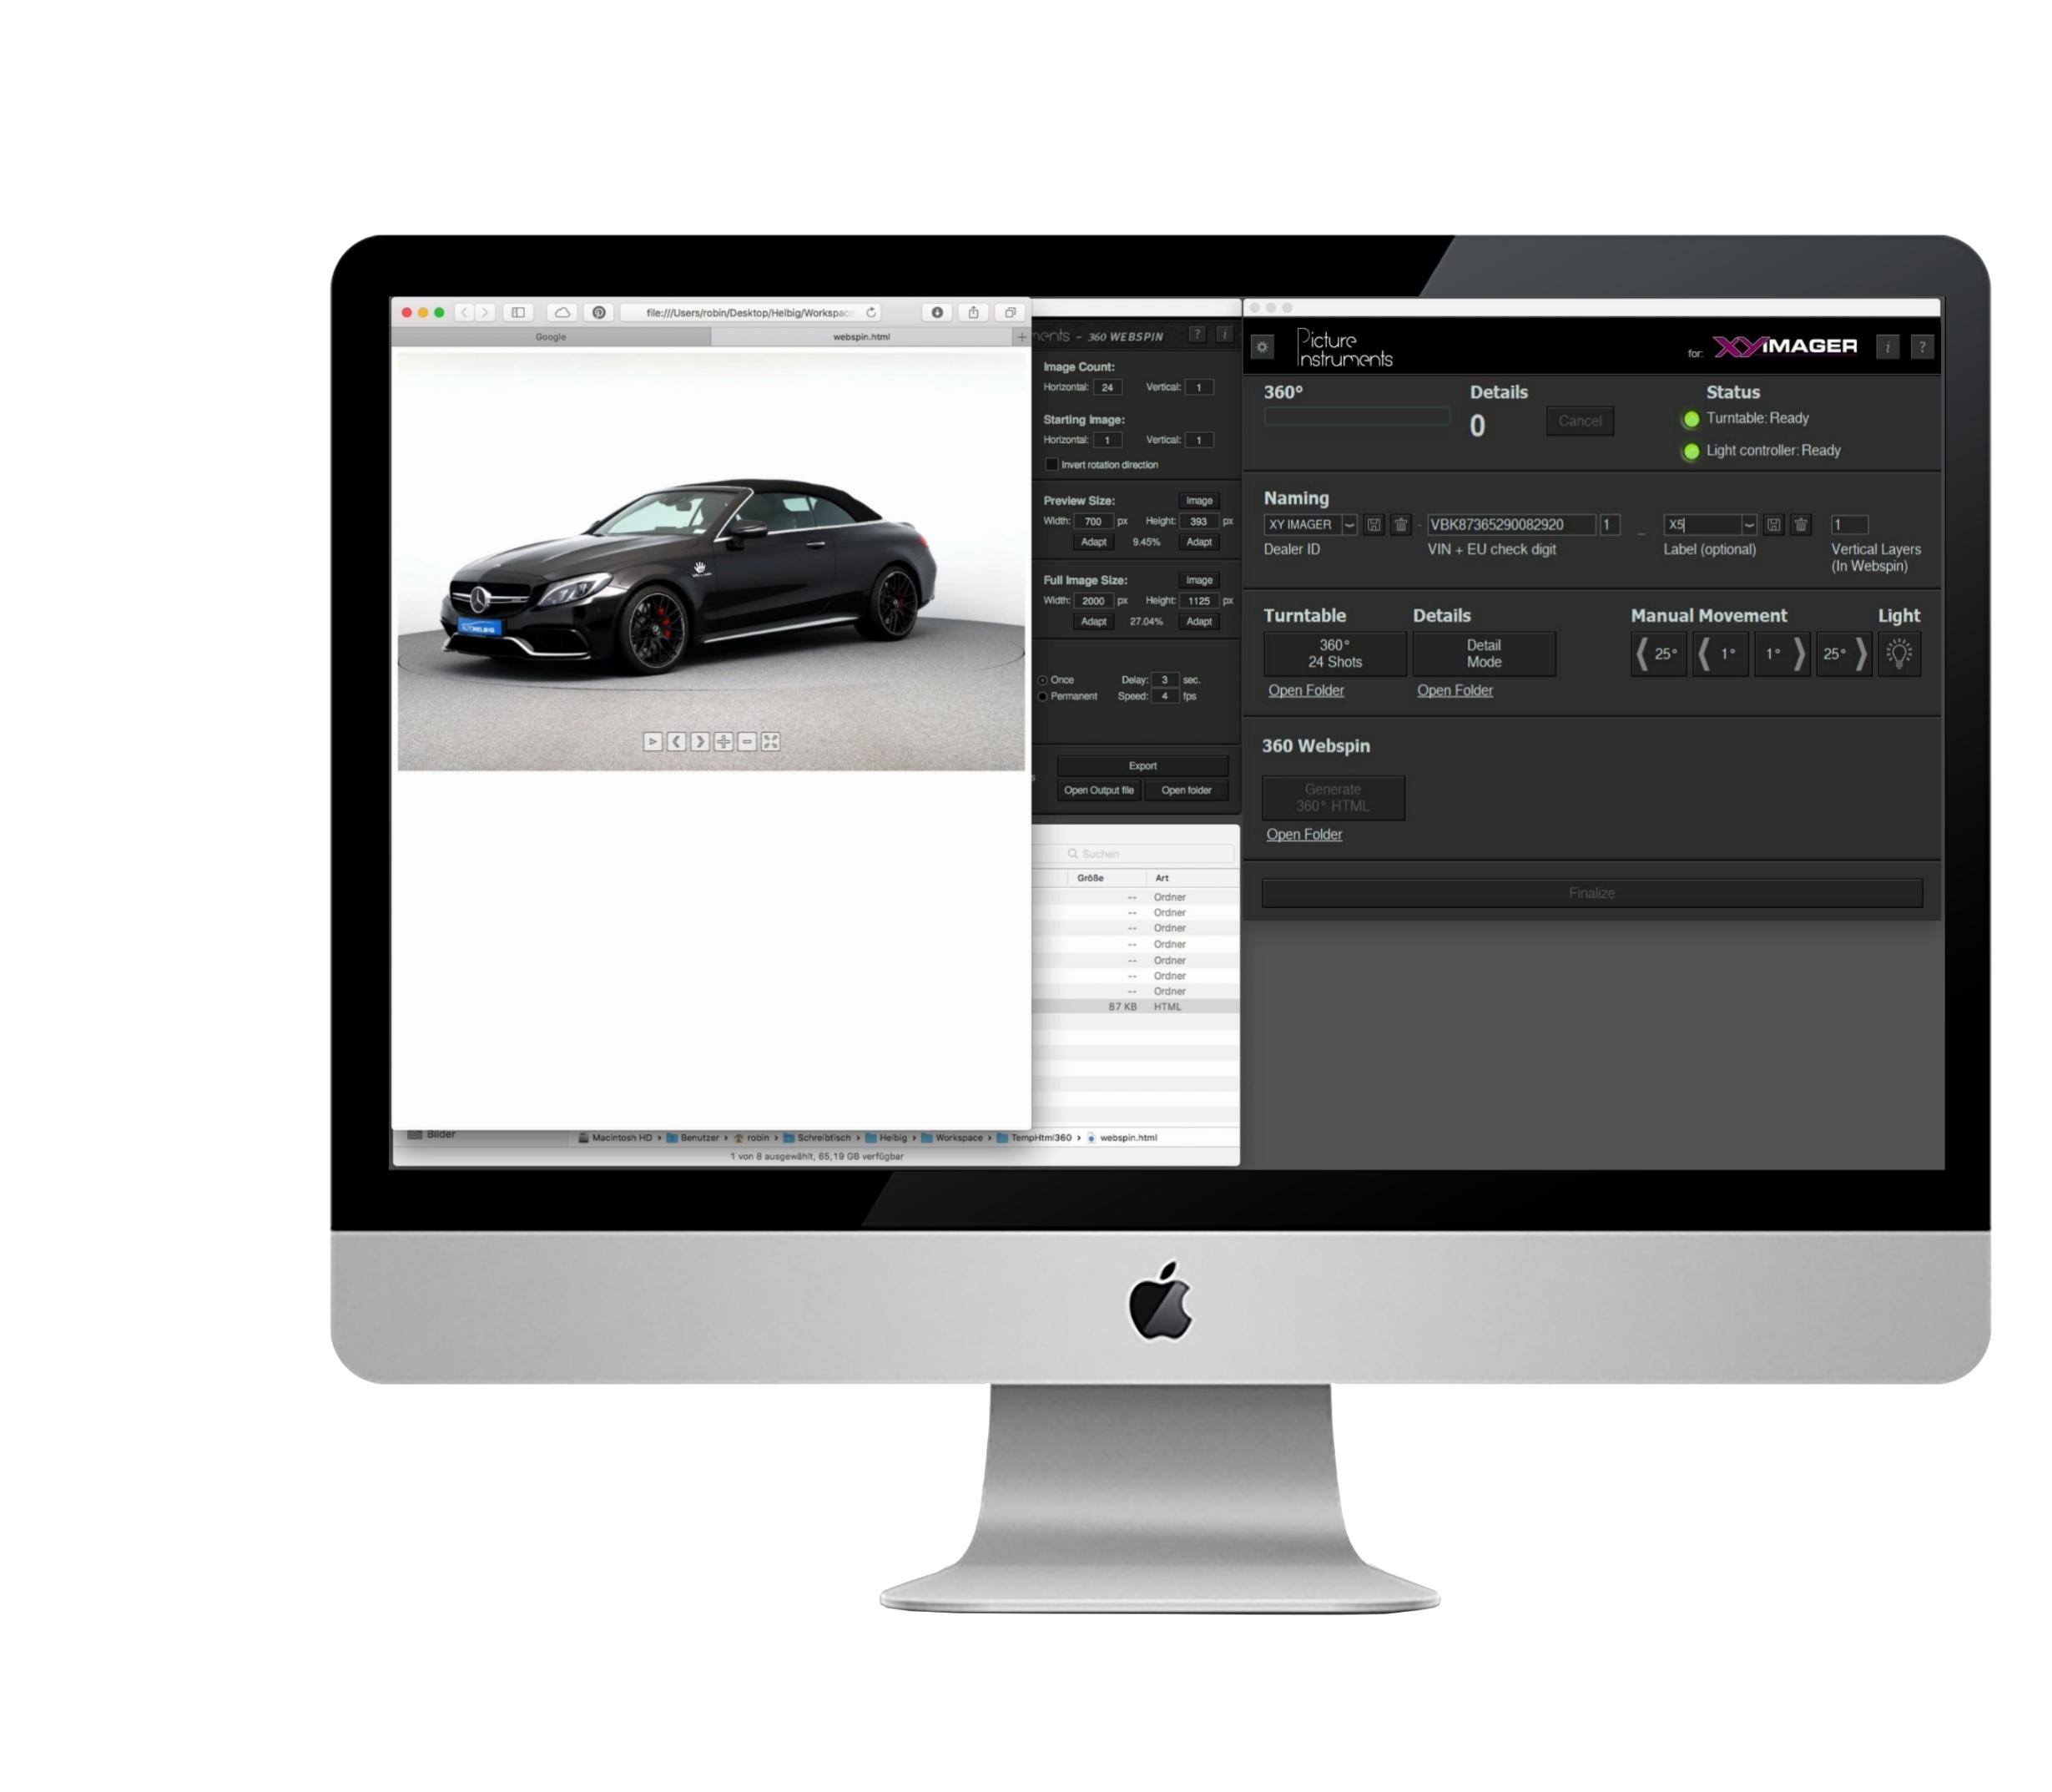 UNVERGLEICHLICH EINFACH - Das Autohaus oder auch das Fotografen-Team – von den Mitarbeitern hinter den Kulissen bis hin zu den Mitarbeitern auf der Verkaufsfläche – können von einem professionellen und einfachen Prozess profitieren. Mit unserem vollautomatischen Drehteller und der in der Bedienung einfachen Software erzielen Sie ein perfektes Ergebnis.